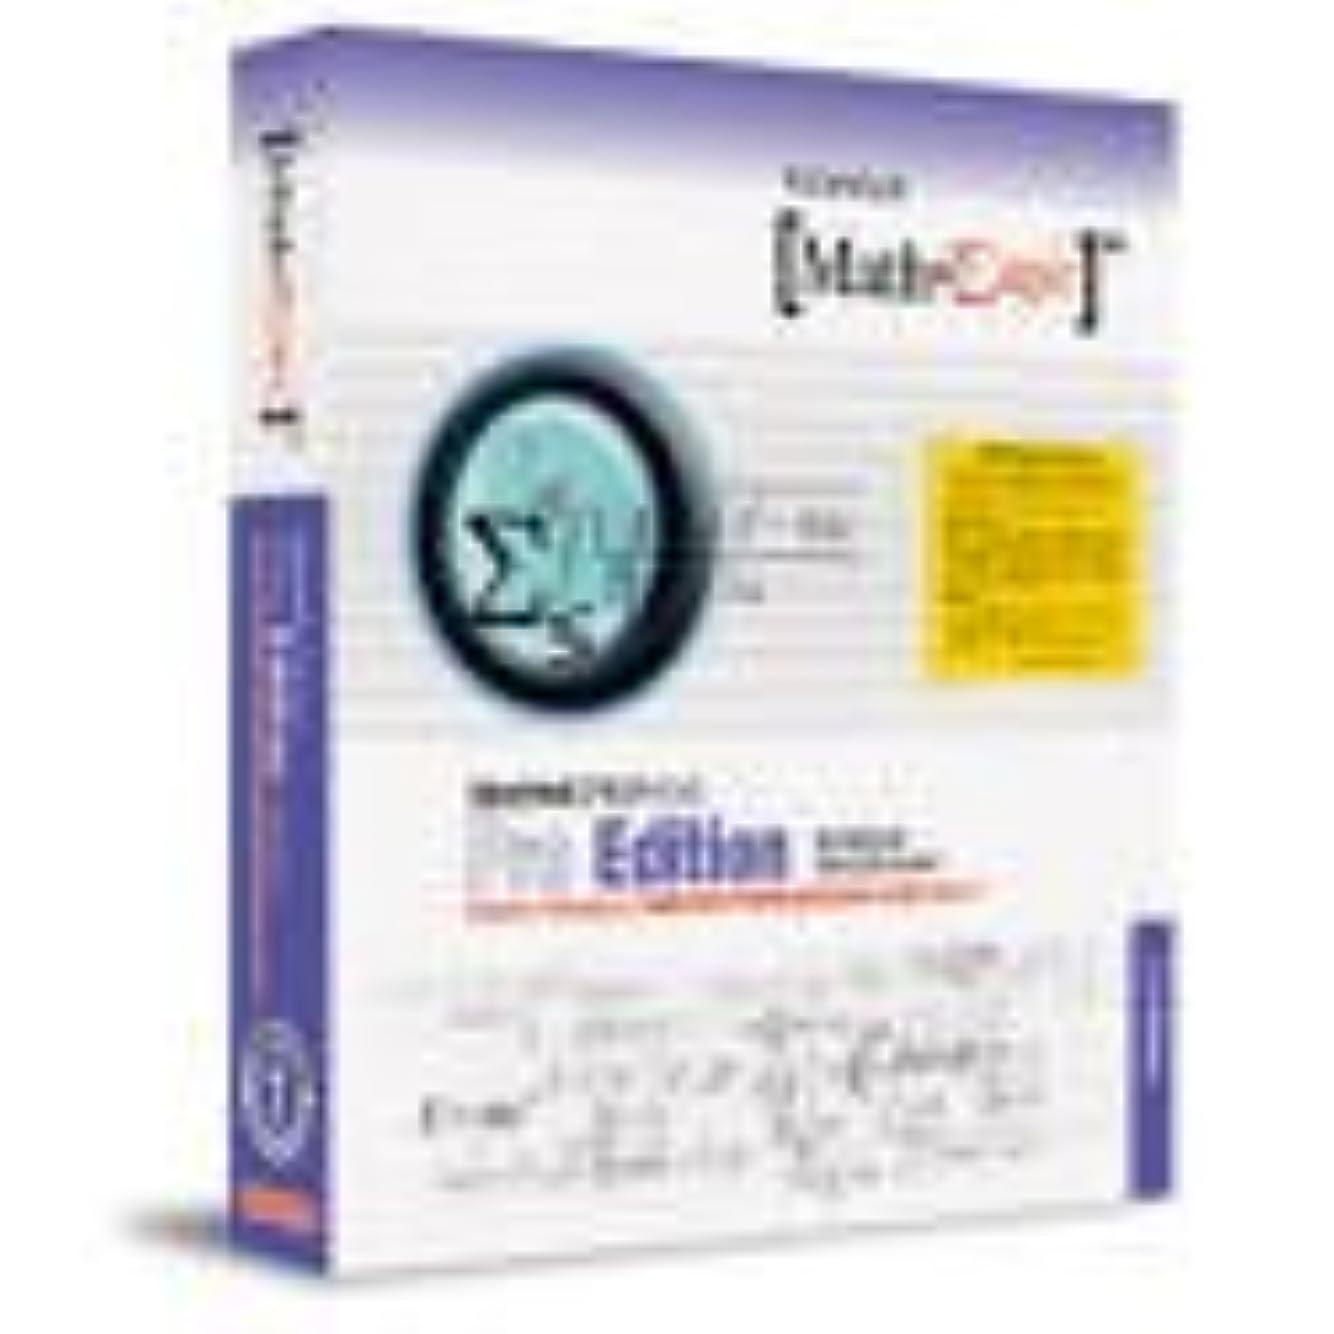 息切れ否認する上昇MathMagic Pro Edition Macintosh版 アカデミック版